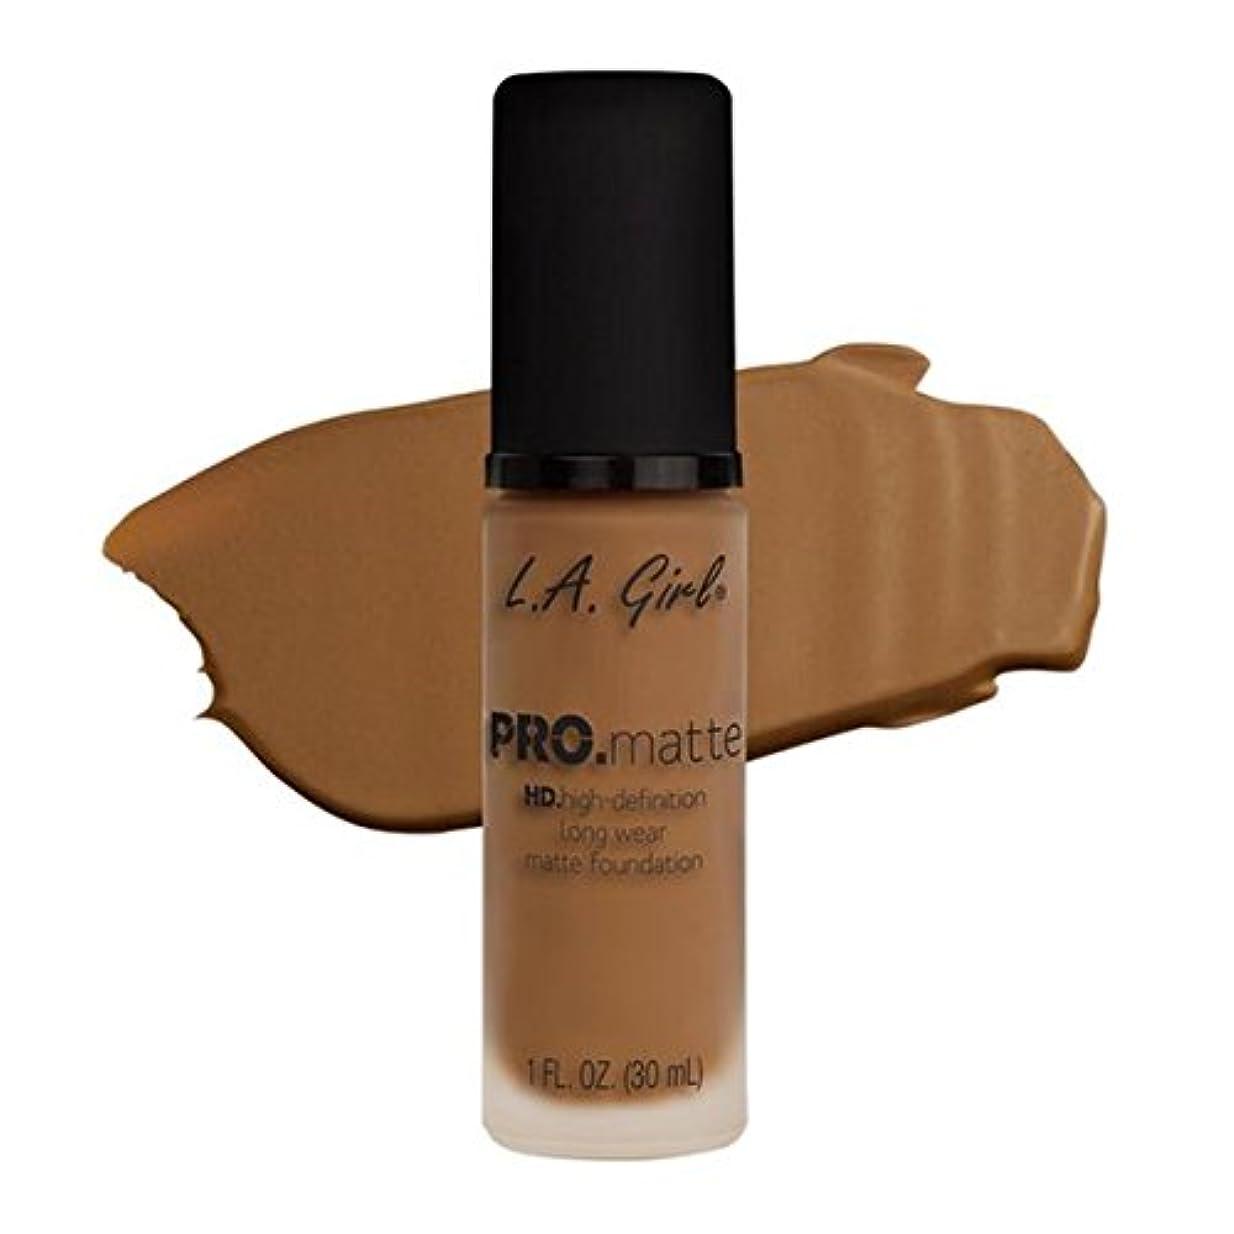 メールを書く憤る着陸LA Girl PRO.mattte HD.high-definition long wear matte foundation (GLM682 Cafe)